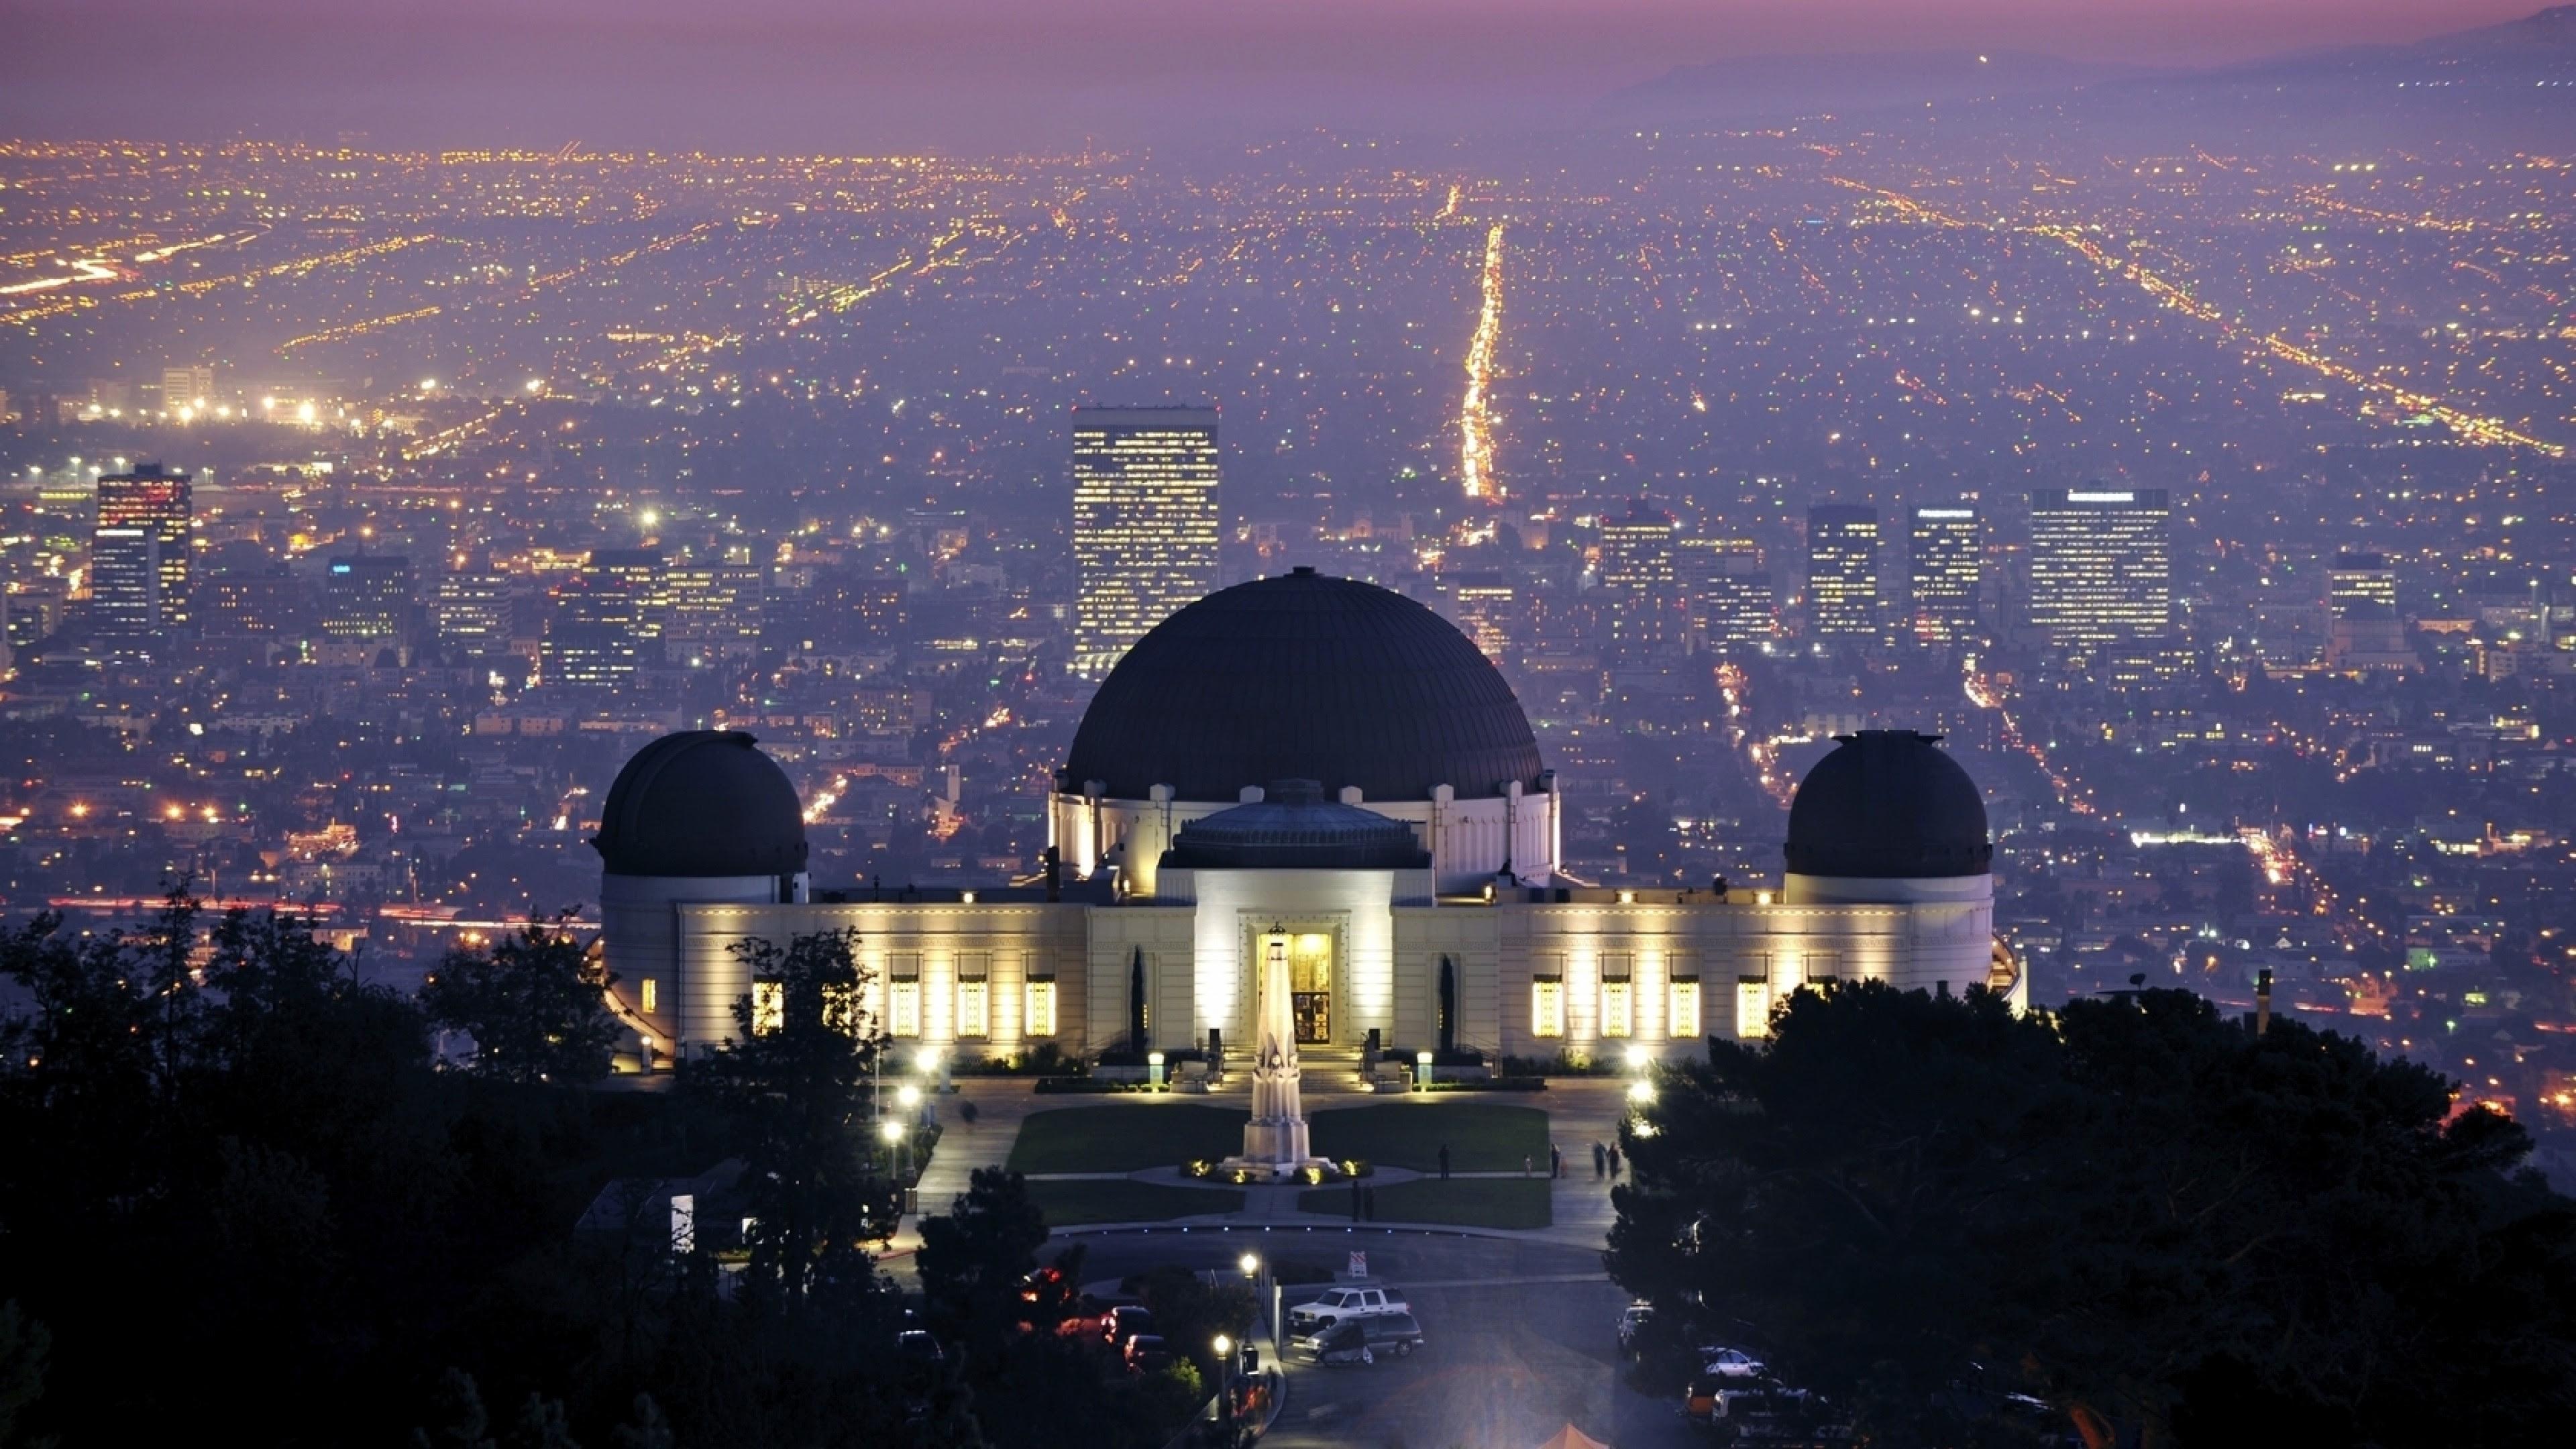 Los Angeles Wallpaper 4k